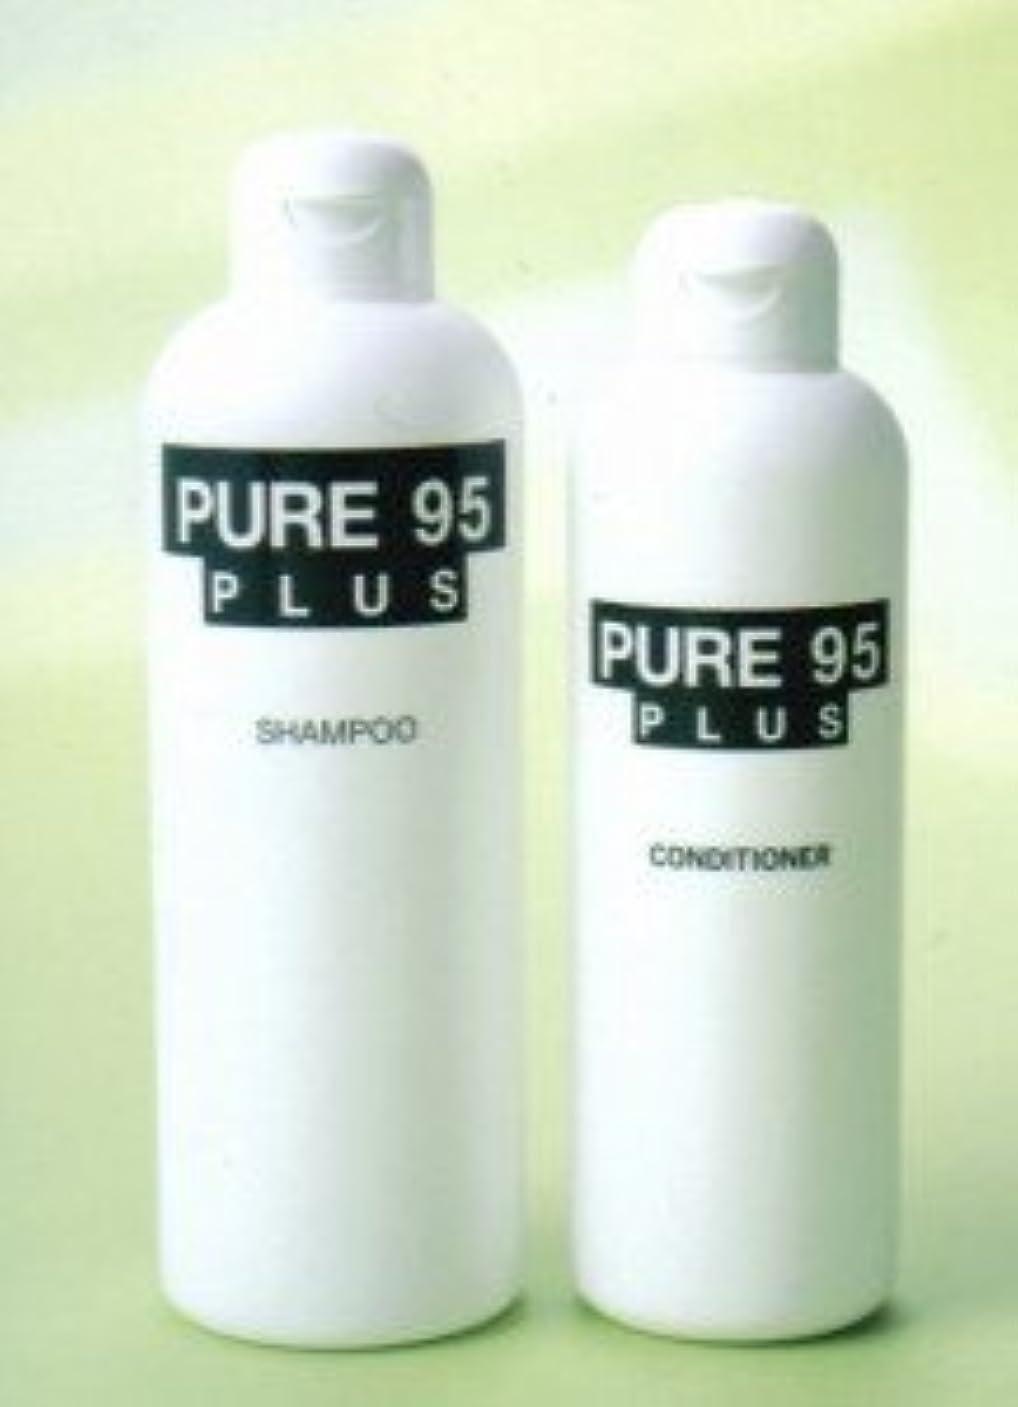 リークかまどモザイクパーミングジャパン PURE95(ピュア95) プラスシャンプー 400ml (草原の香り)